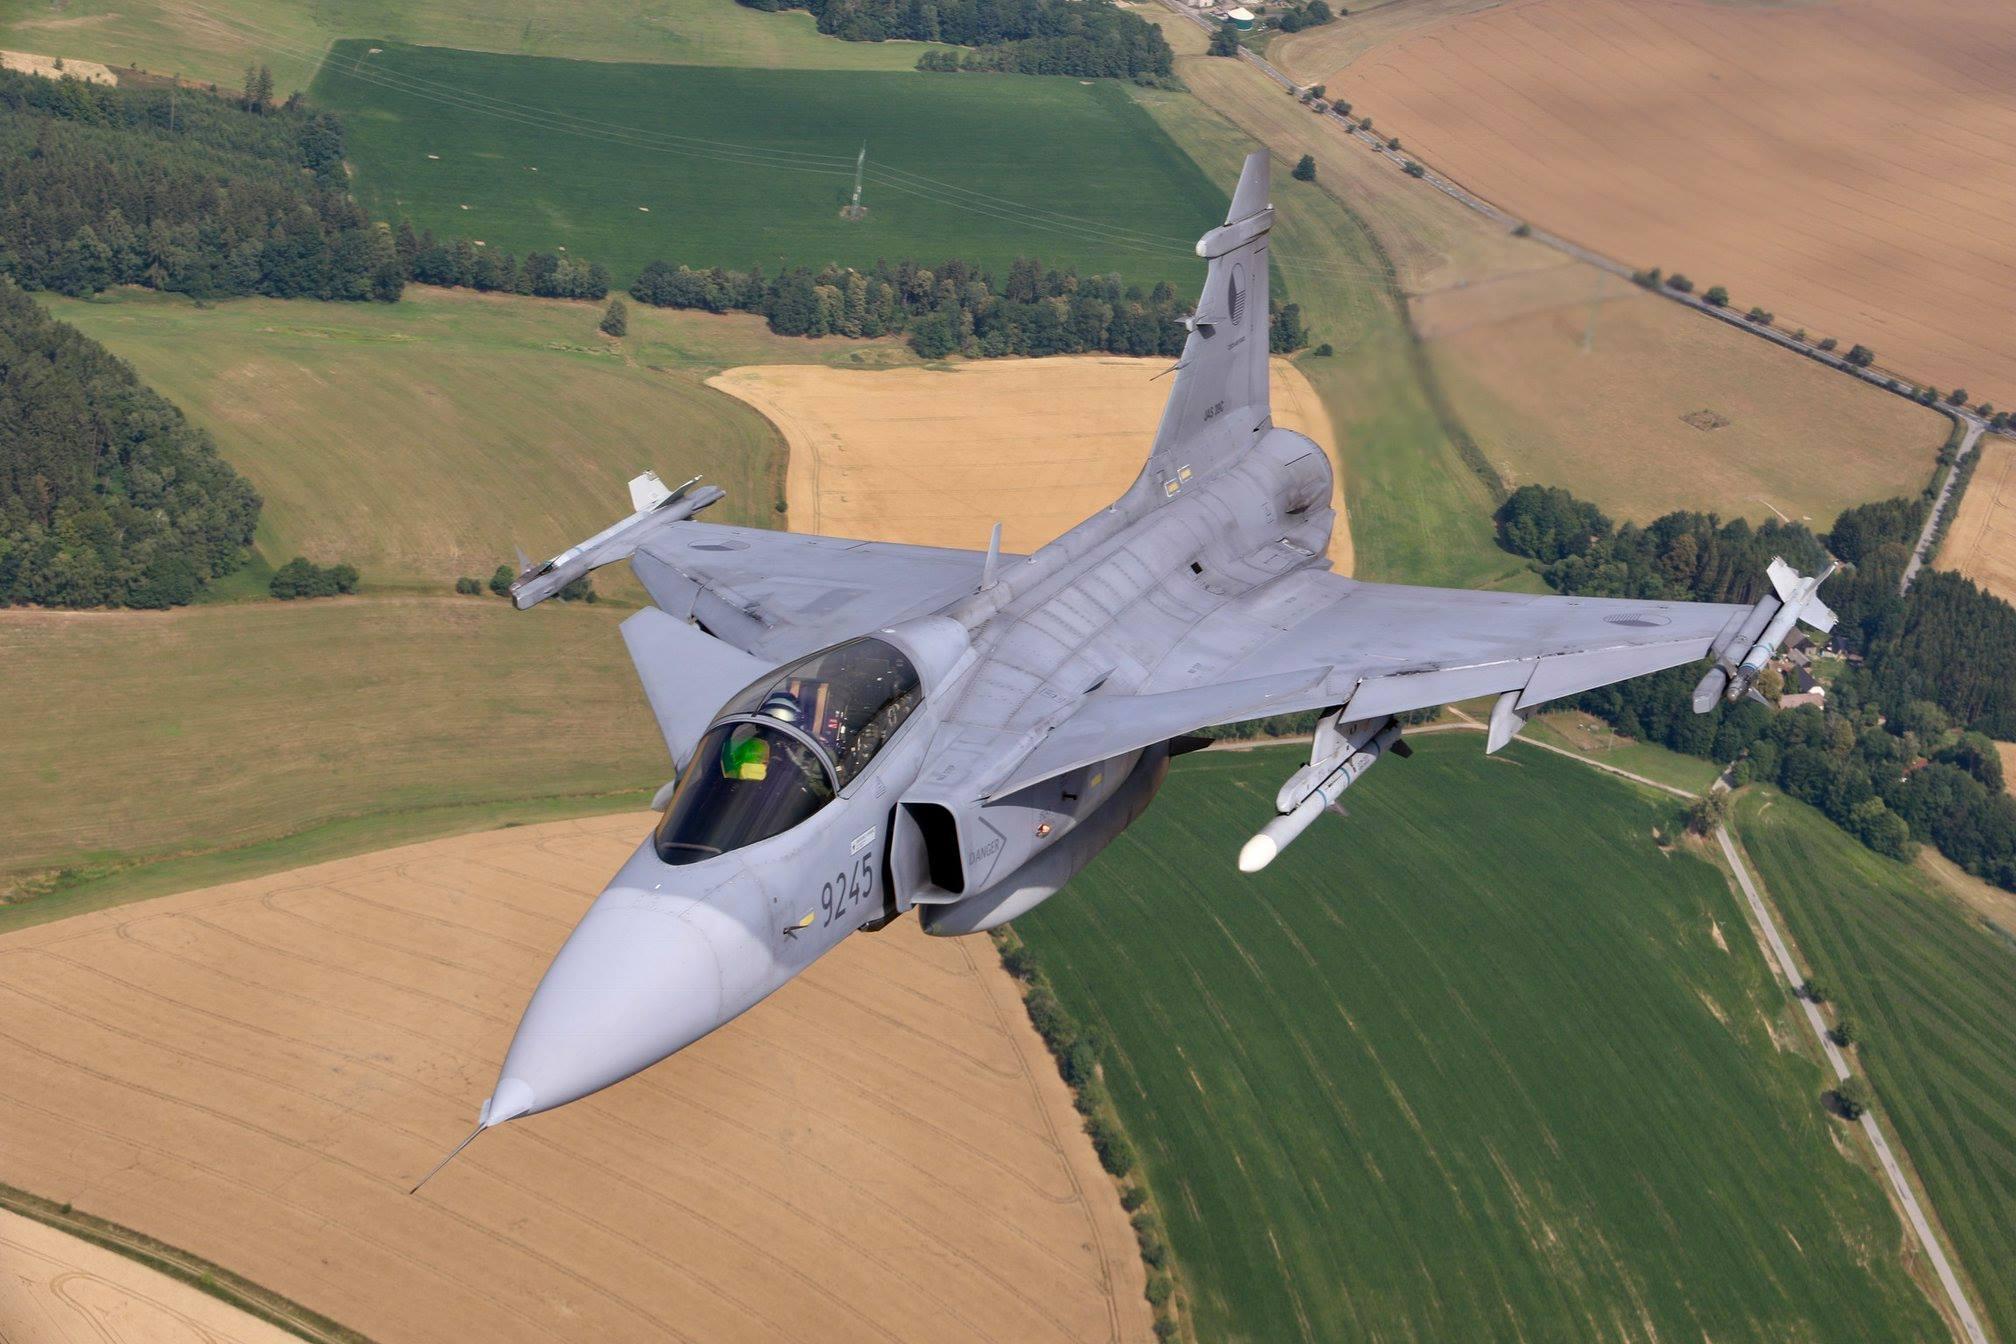 Armée tchèque/Czech Armed Forces - Page 11 37381216_1652998594828804_7813486435679338496_o-jpg